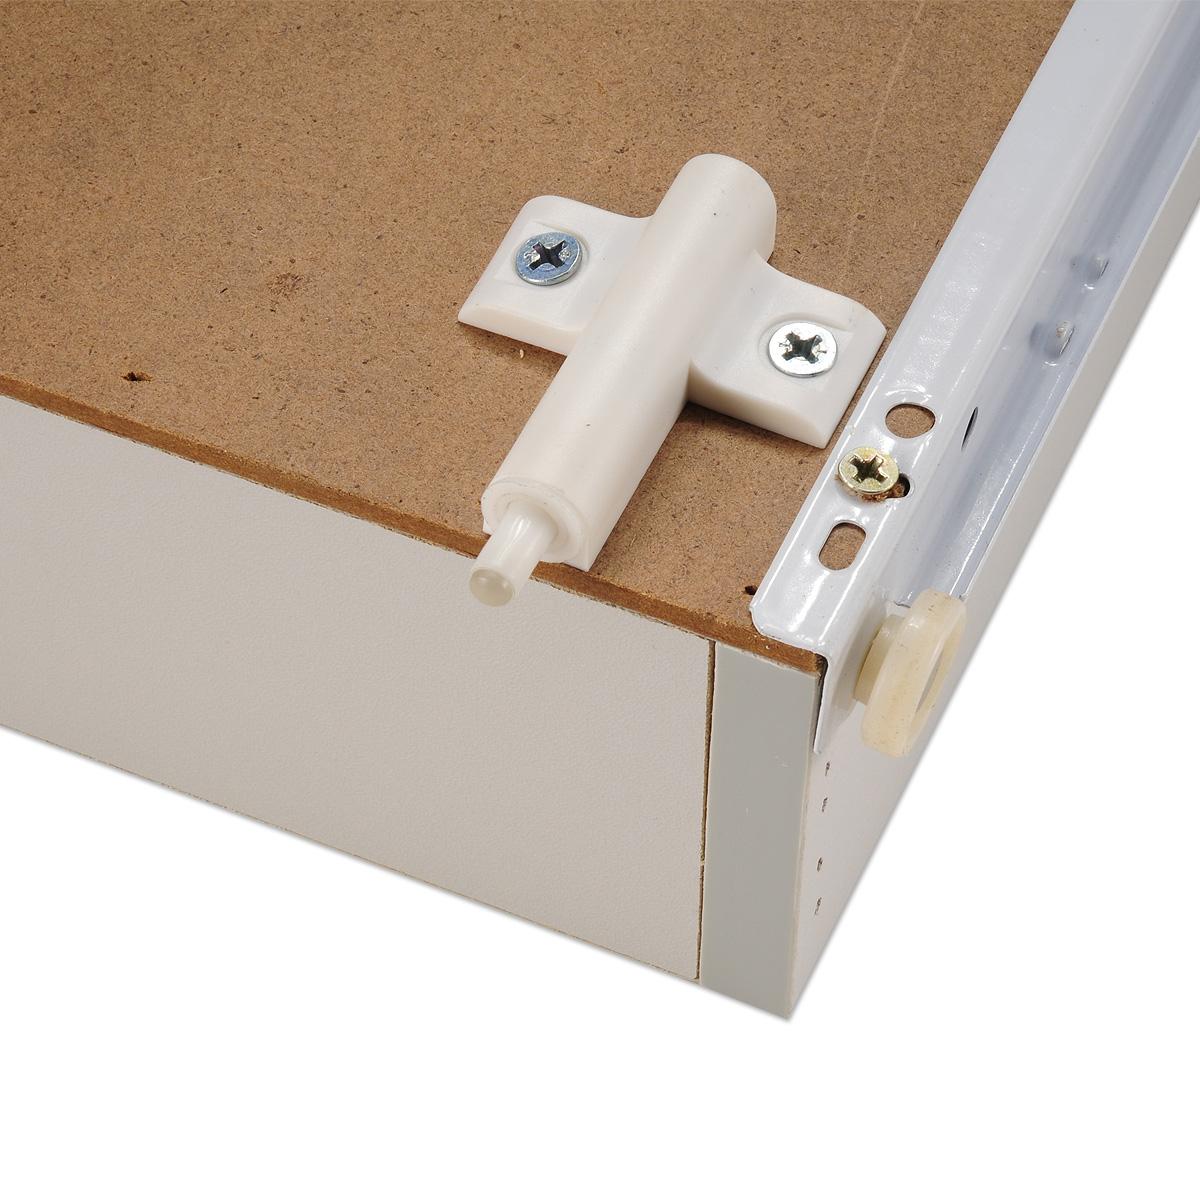 15x Amortisseur Protection De Porte Meuble Blanc Ebay